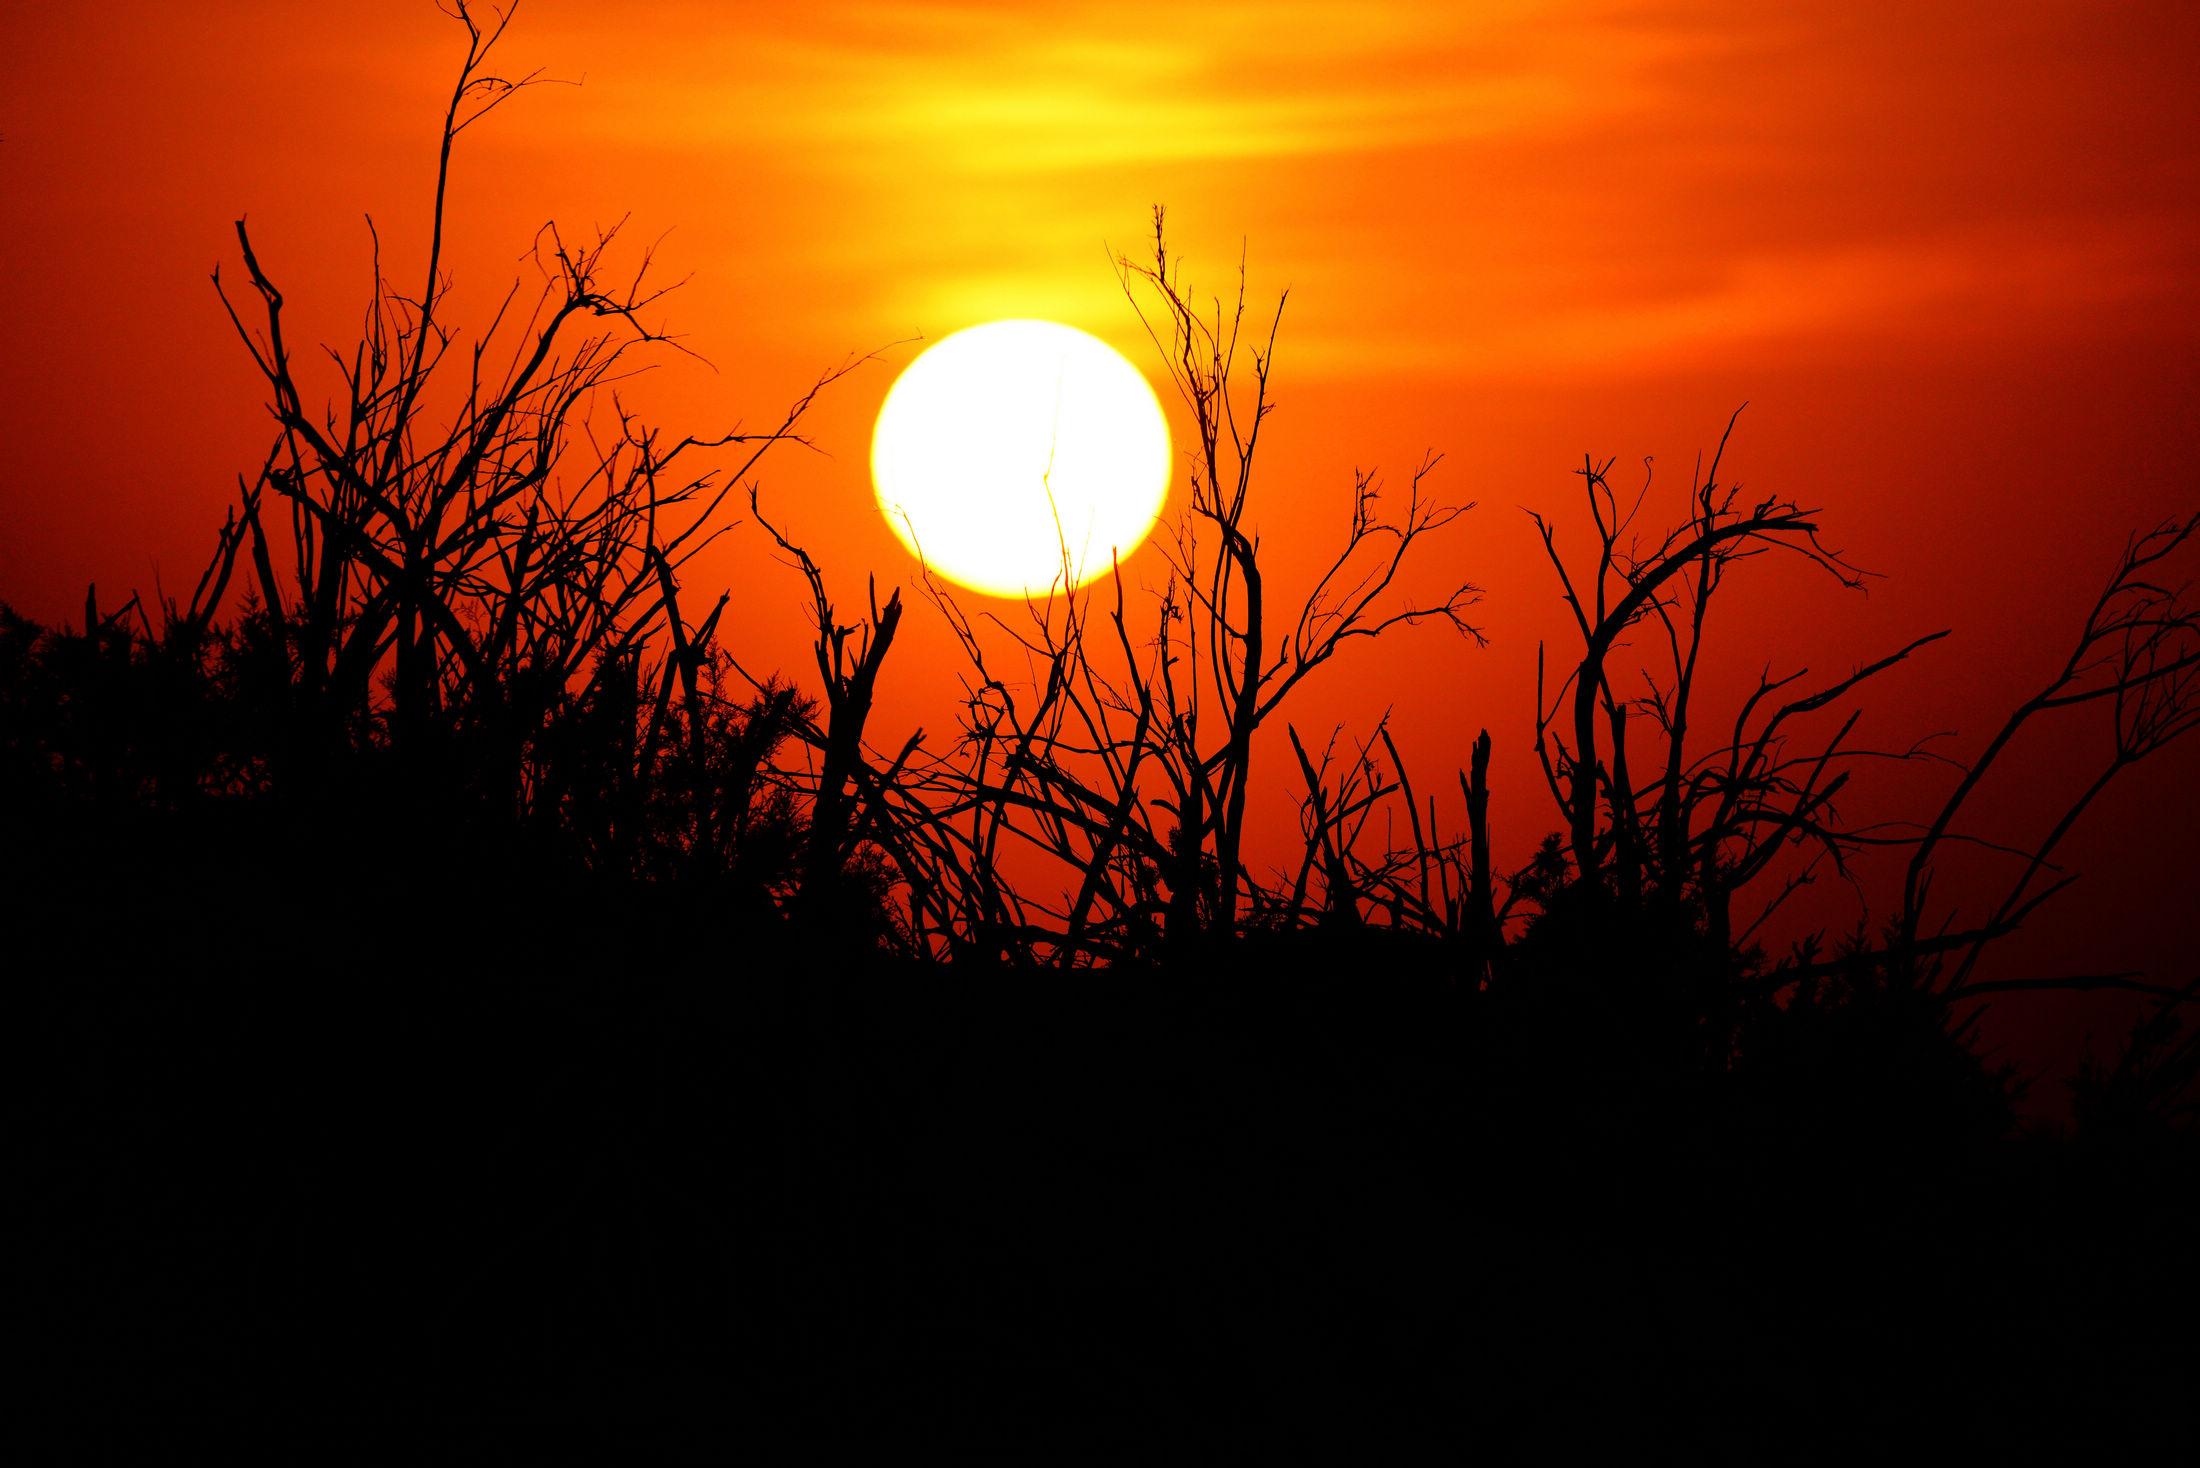 大漠里的剪影——内蒙古黑城遗址怪树林里观日落